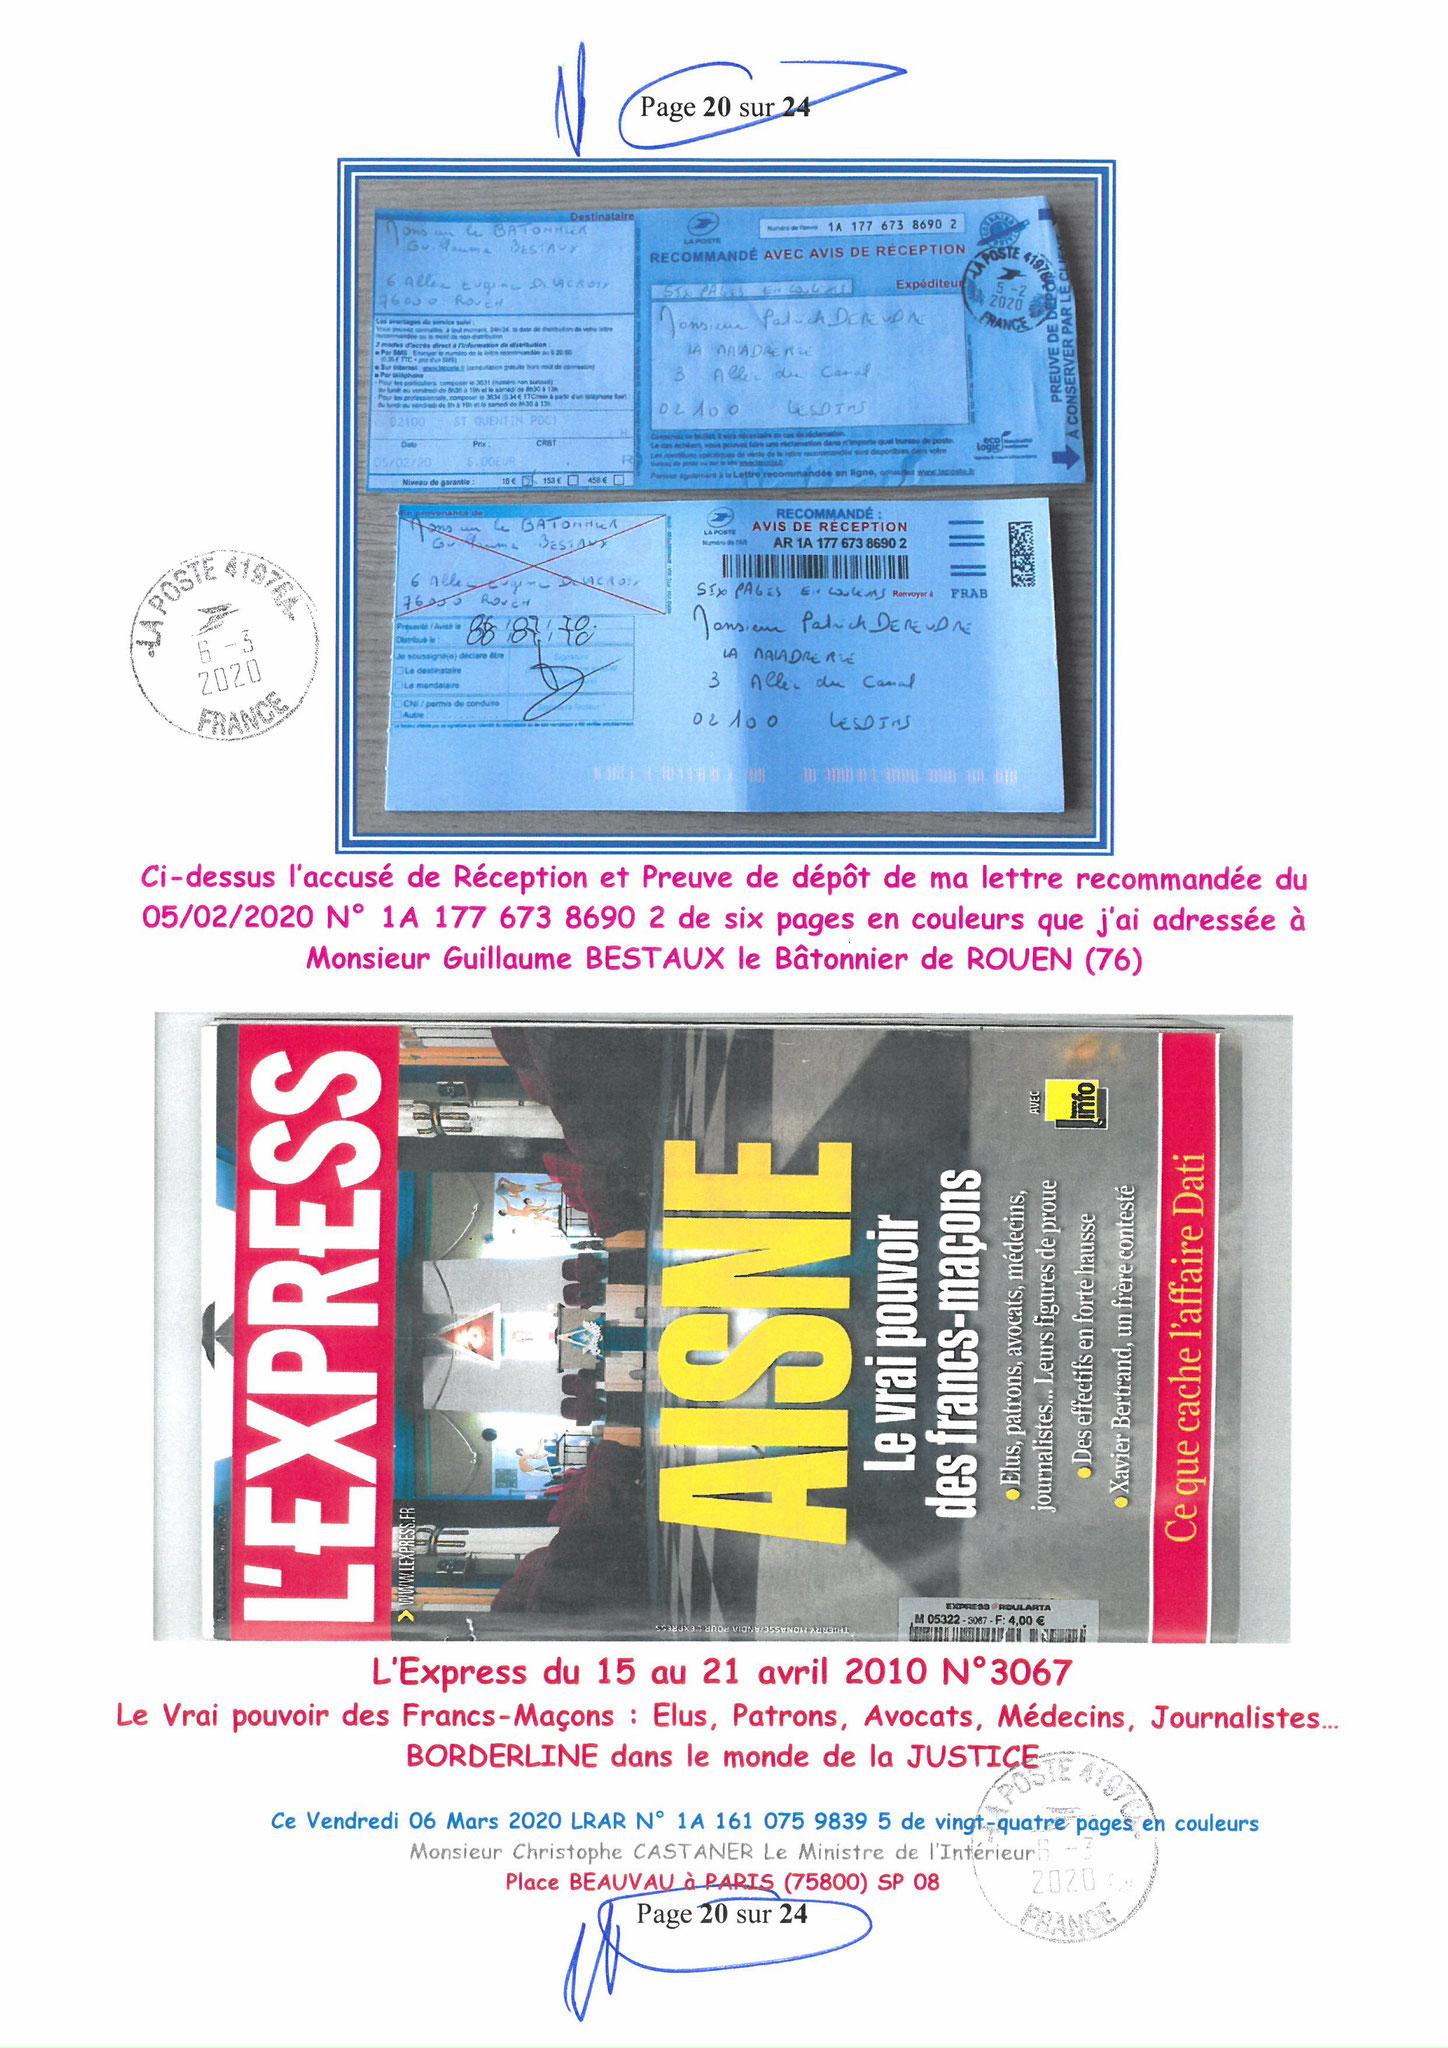 Ma LRAR à Monsieur le Ministre de l'Intérieur Christophe CASTANER N°1A 161 075 9839 5  Page 20 sur 24 en couleur du 06 Mars 2020  www.jesuispatrick.fr www.jesuisvictime.fr www.alerte-rouge-france.fr